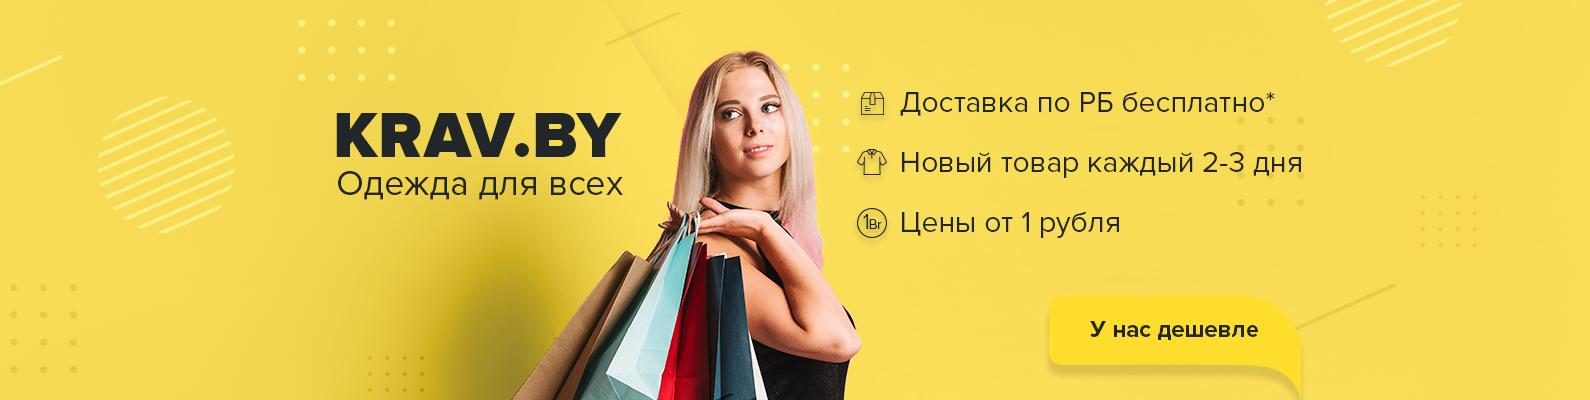 Обложка для Vk интернет-магазин